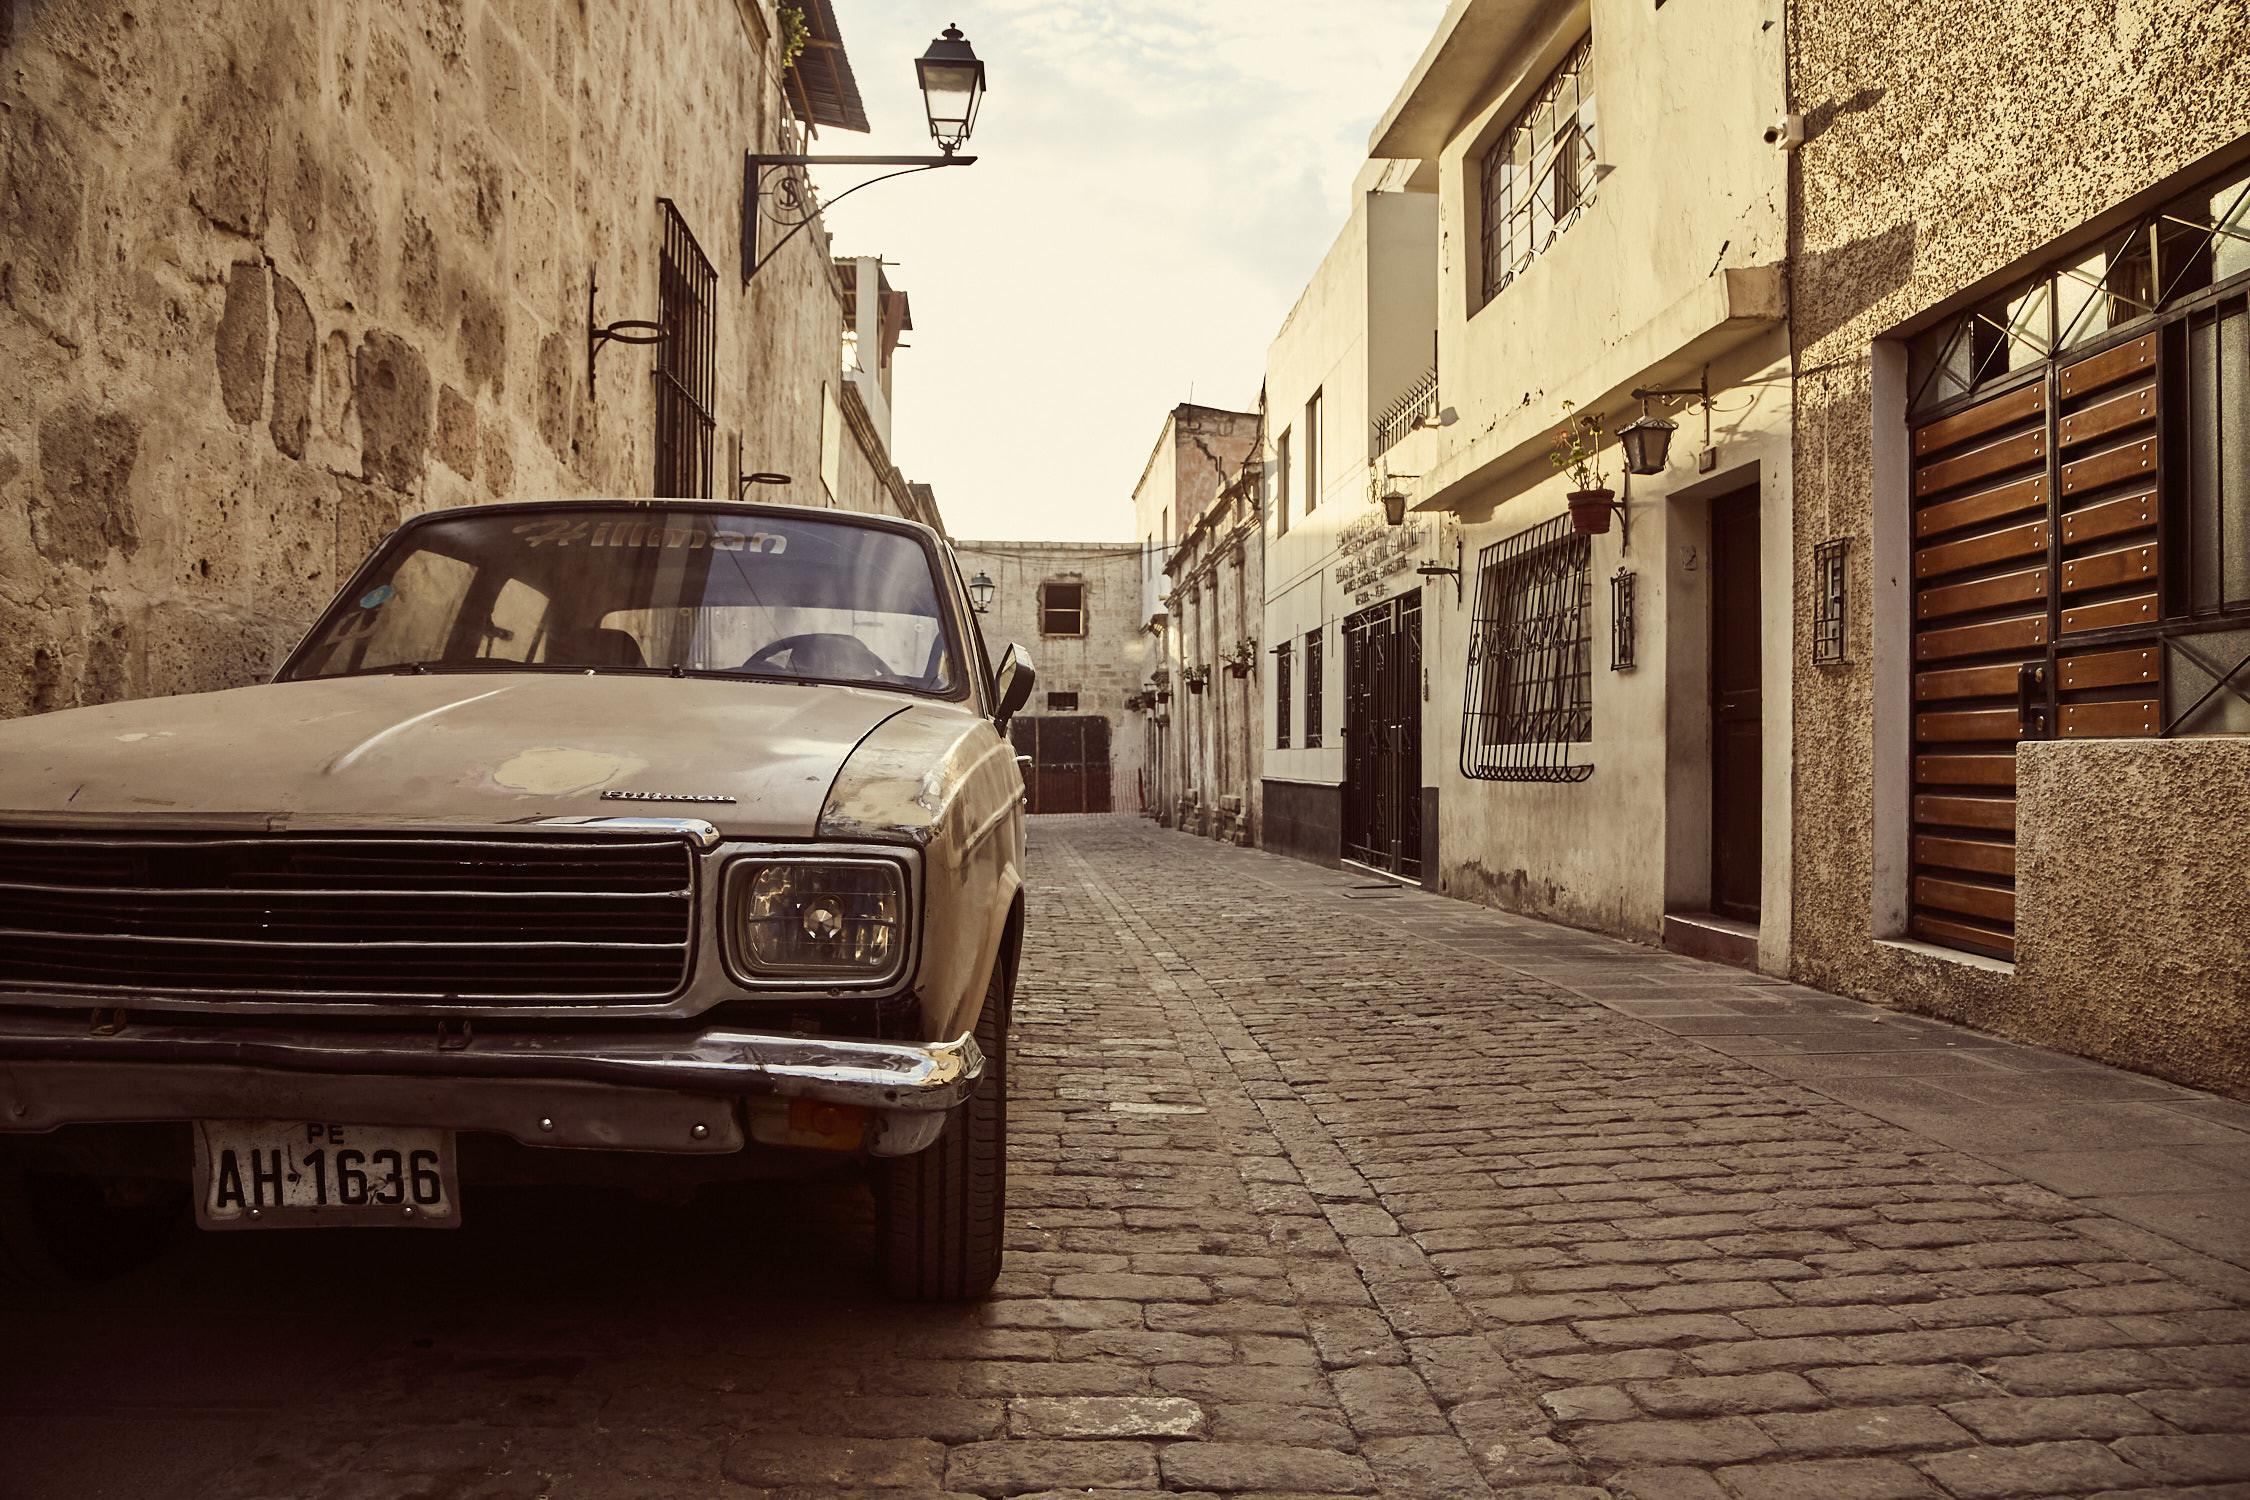 Auto in einer Gasse im Stadtviertel San Lazaro in Arequipa. Aufgenommen während unserer Peru Reise